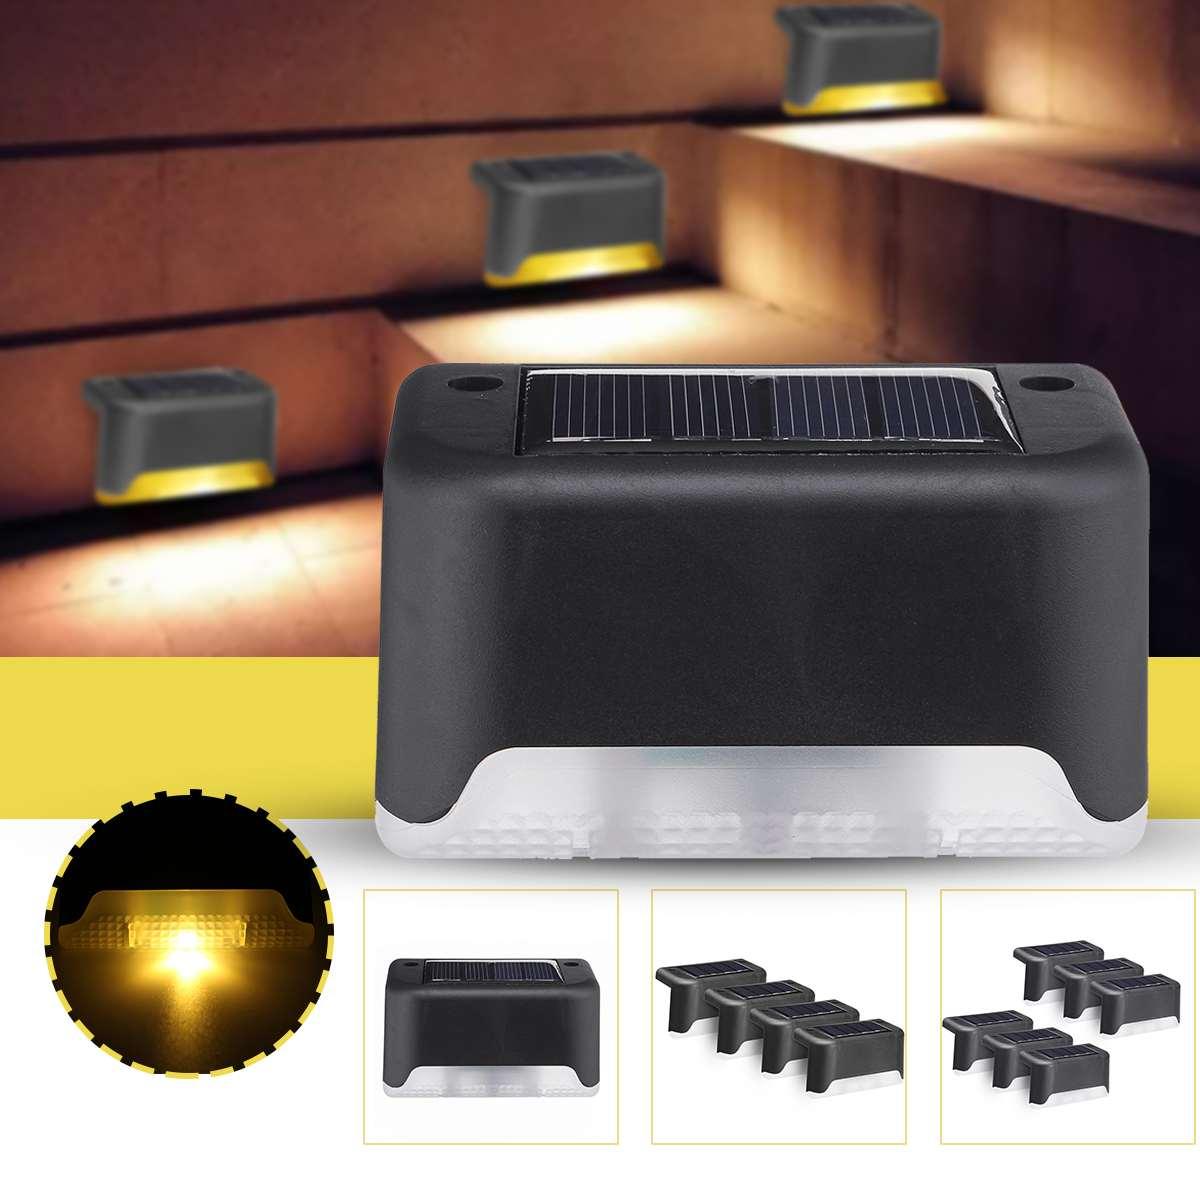 1/4/6PCS LED שמש נתיב מדרגות חיצוני אור גן חצר גדר קיר נוף מנורת שמש אור חיצוני נתיב גן מנורת לילה